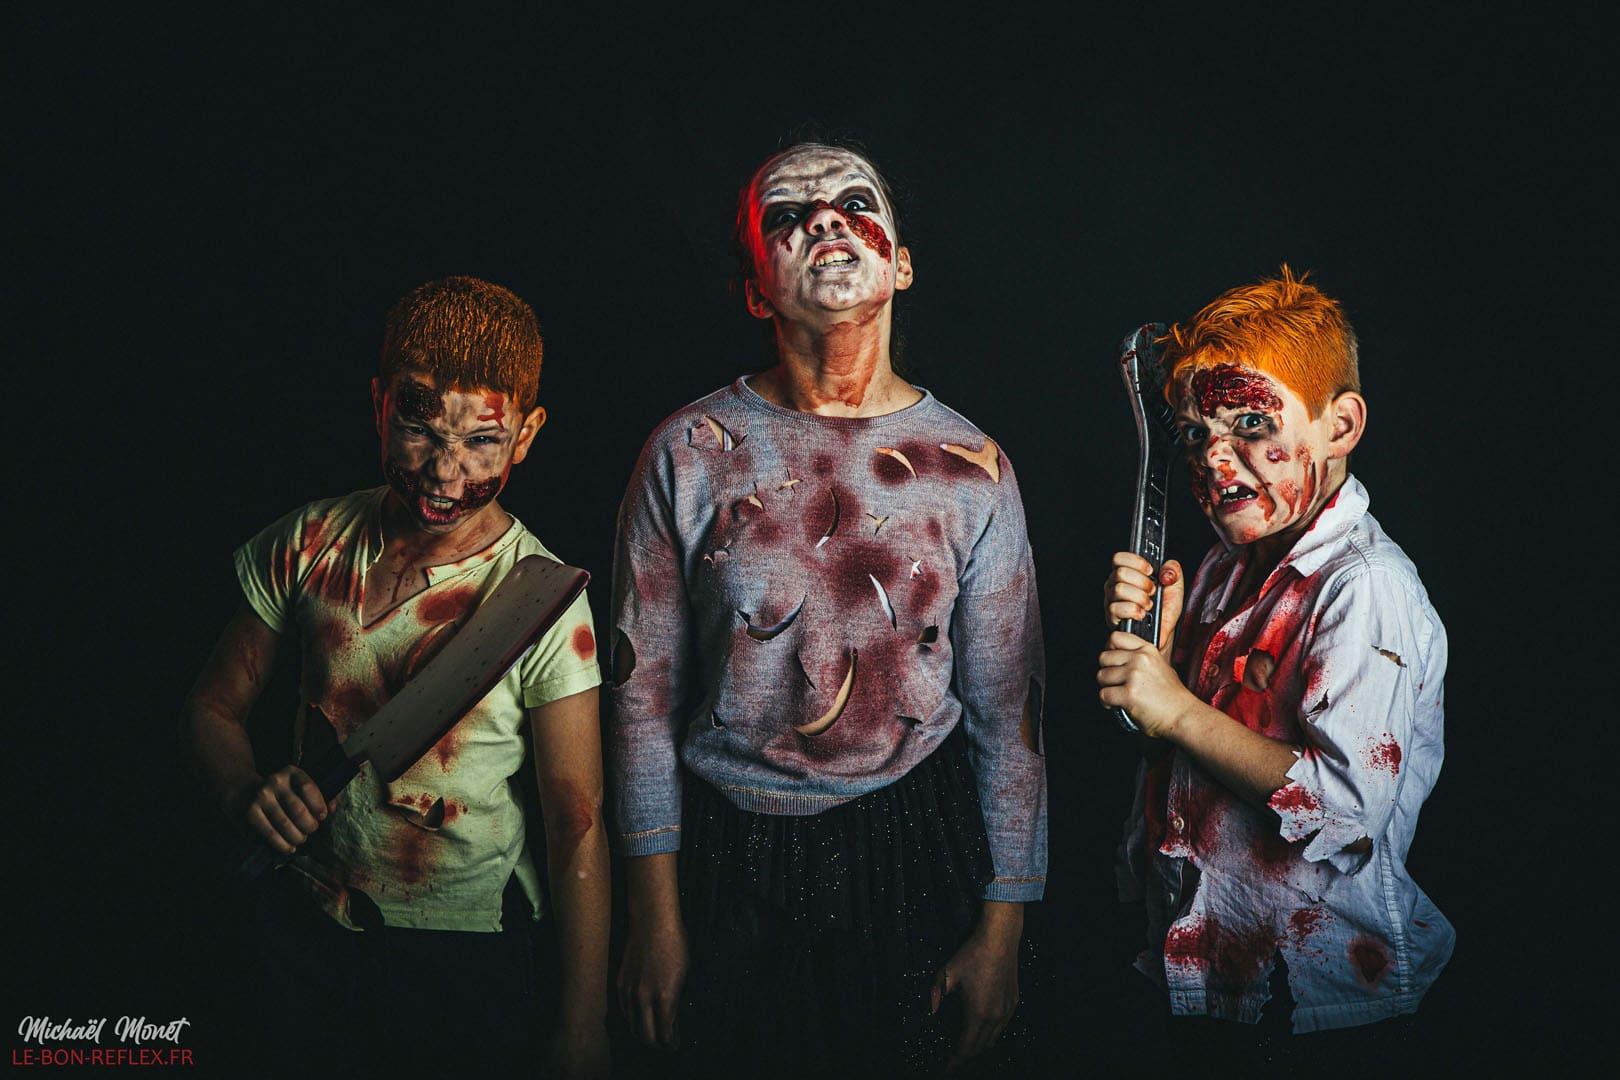 séance photo halloween rennes